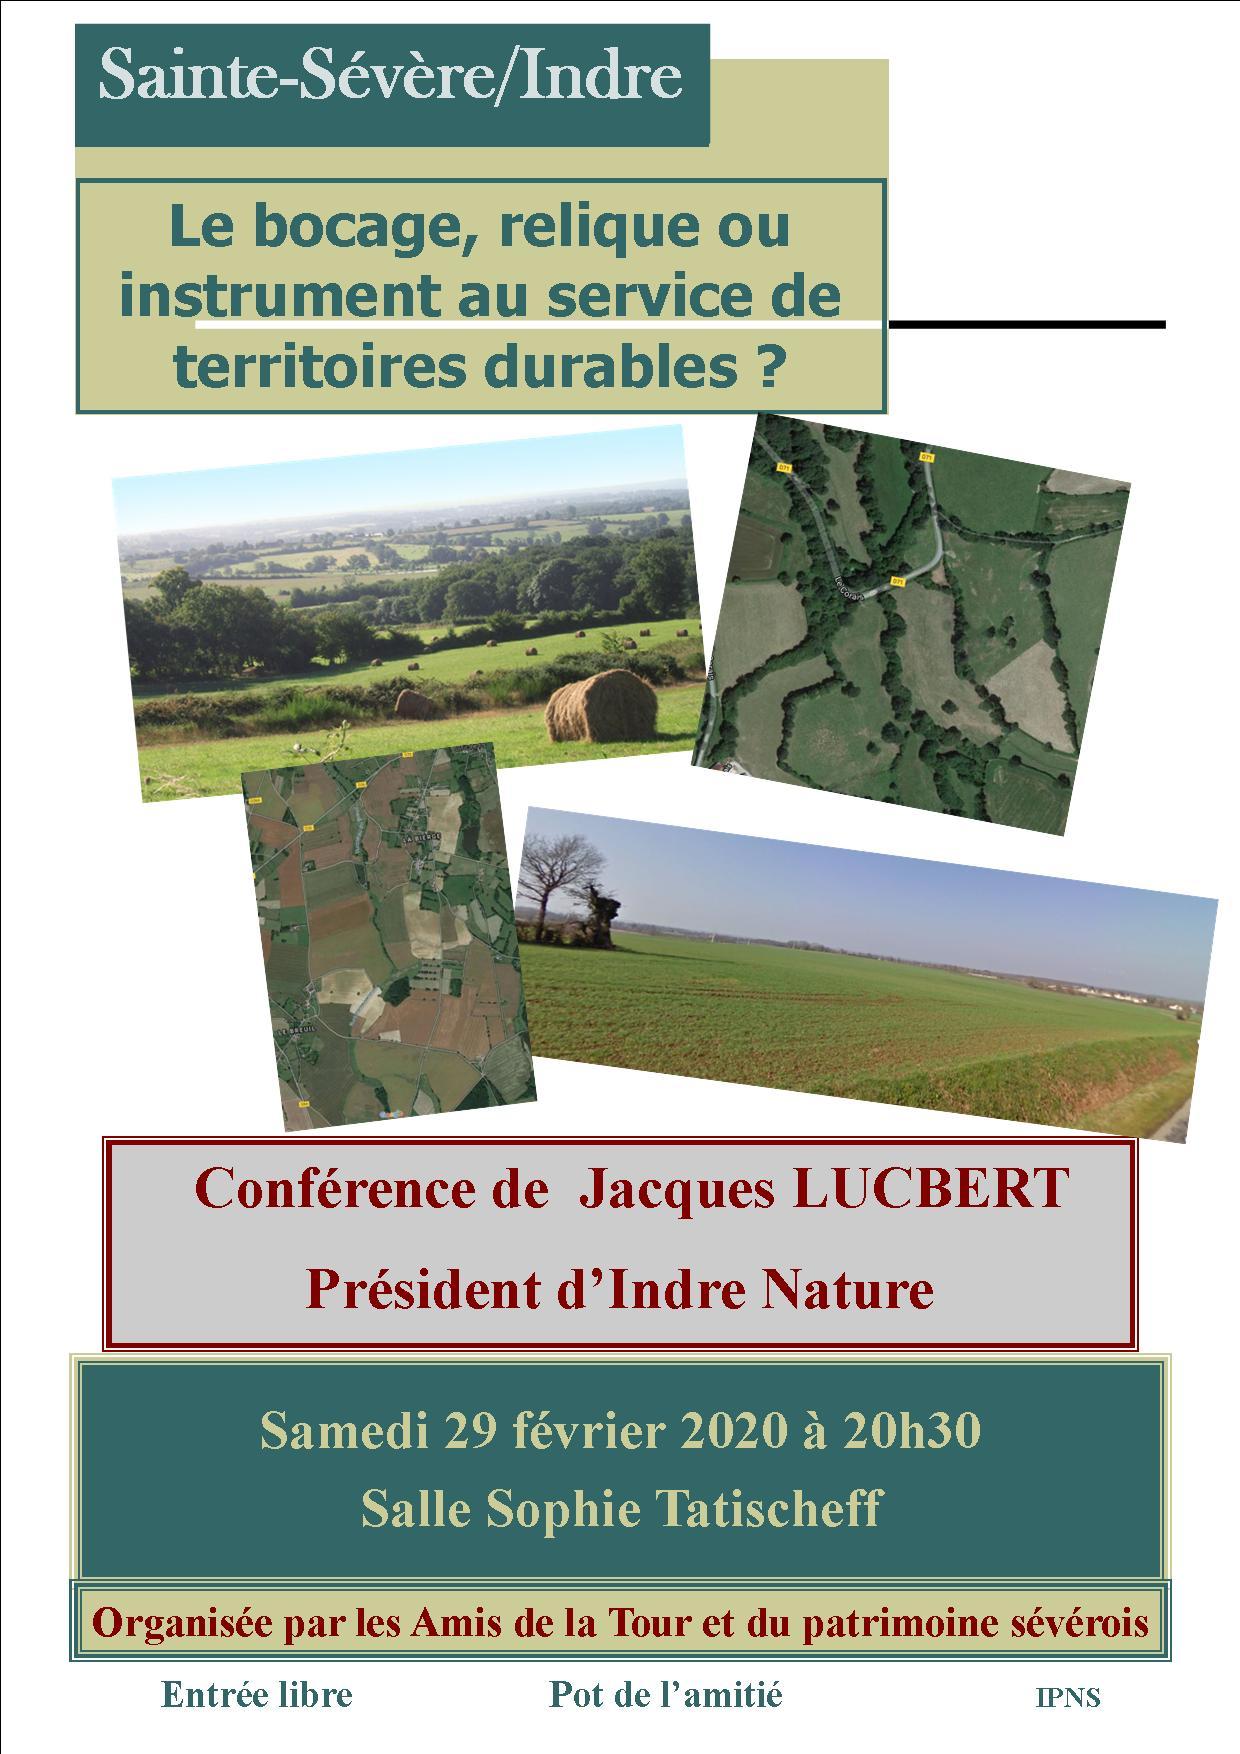 29 février 2020 – Conférence «Le bocage, relique ou instrument au service de territoires durables?»